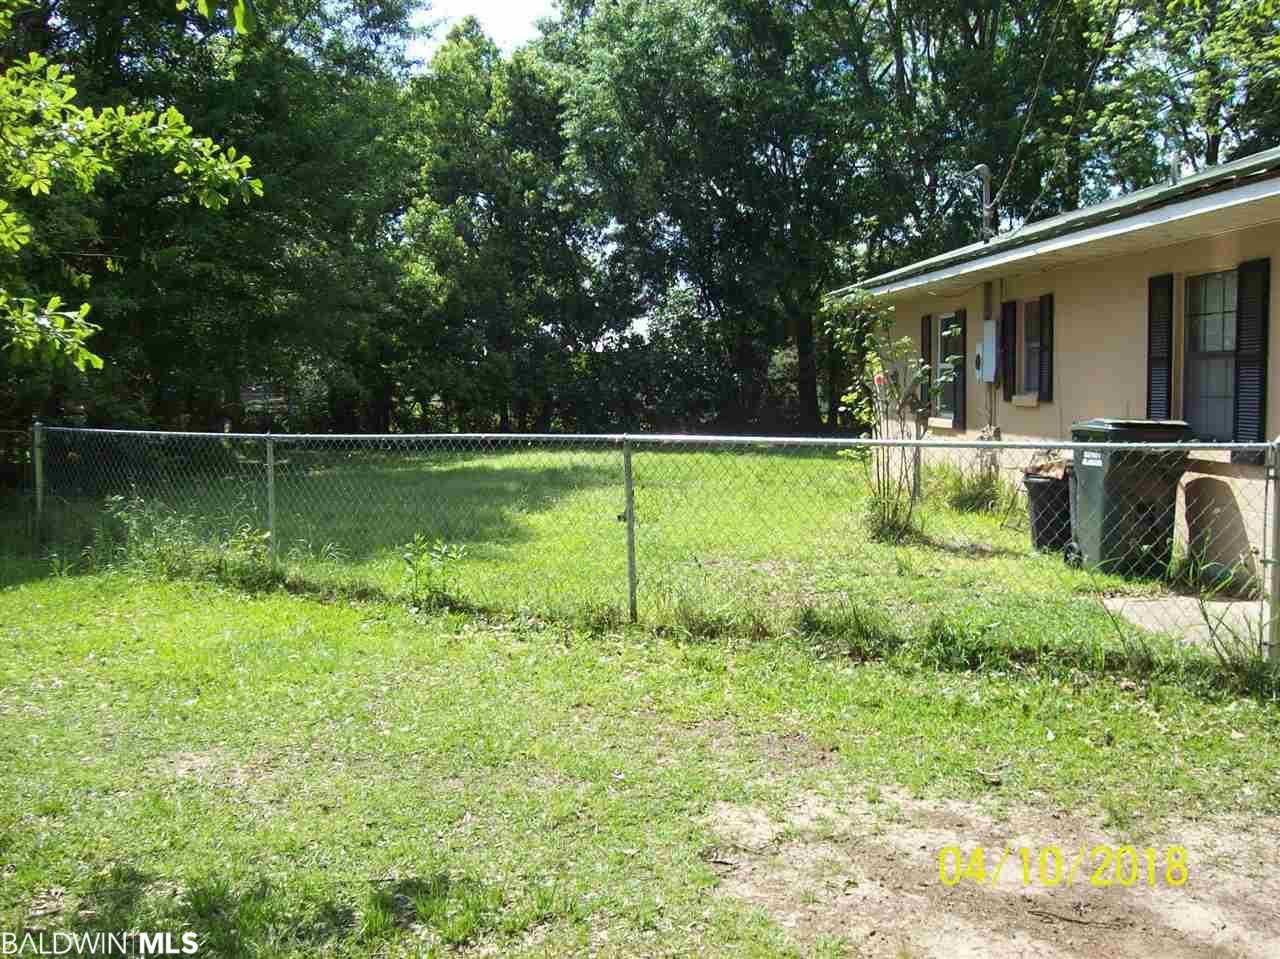 206 E Jackson Av, Summerdale, AL 36580